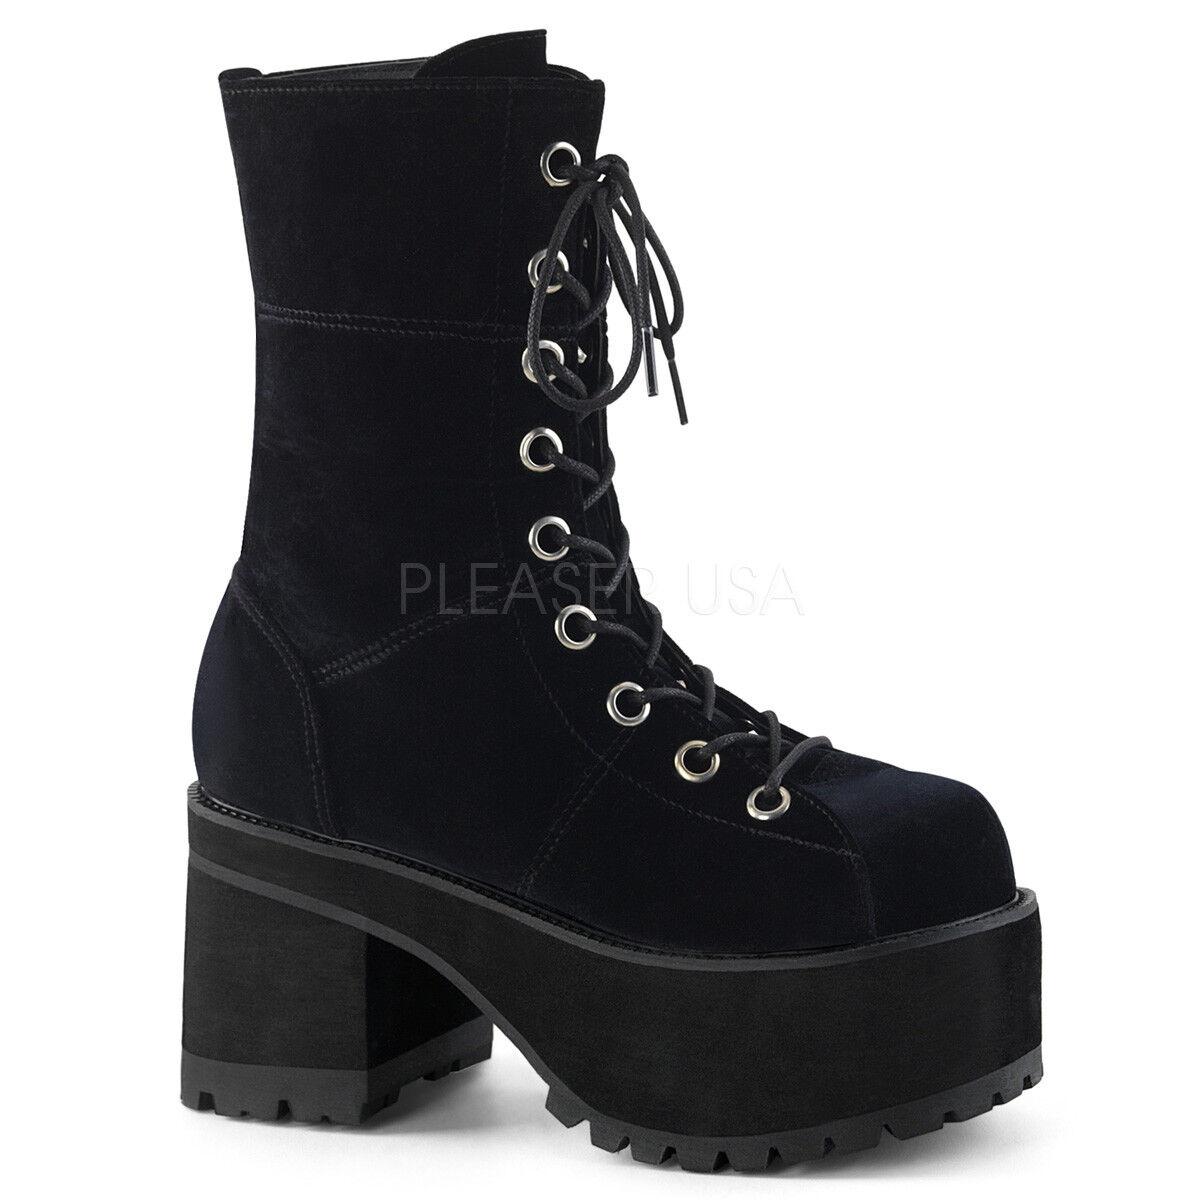 Demonia ranger - 301 Para Mujer De Plataforma De Terciopelo Negro Tacón Alto botas al tobillo con Cordones